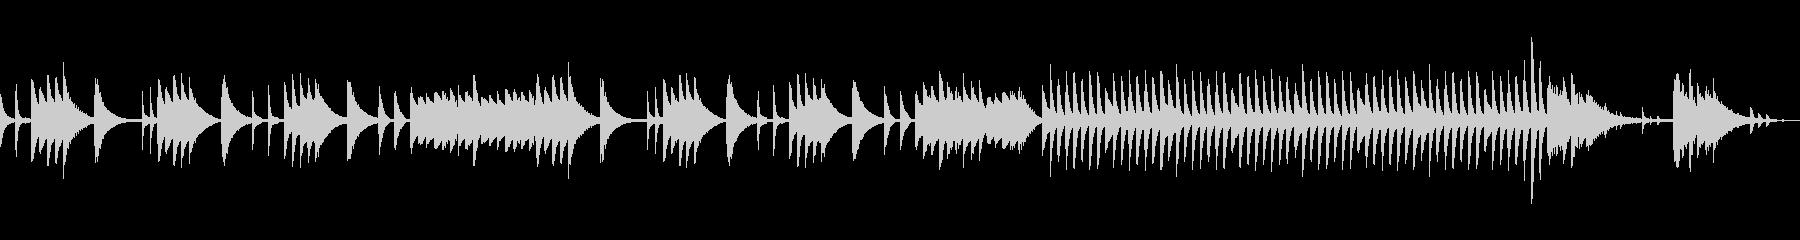 しずかでゆっくりなピアノソロの未再生の波形